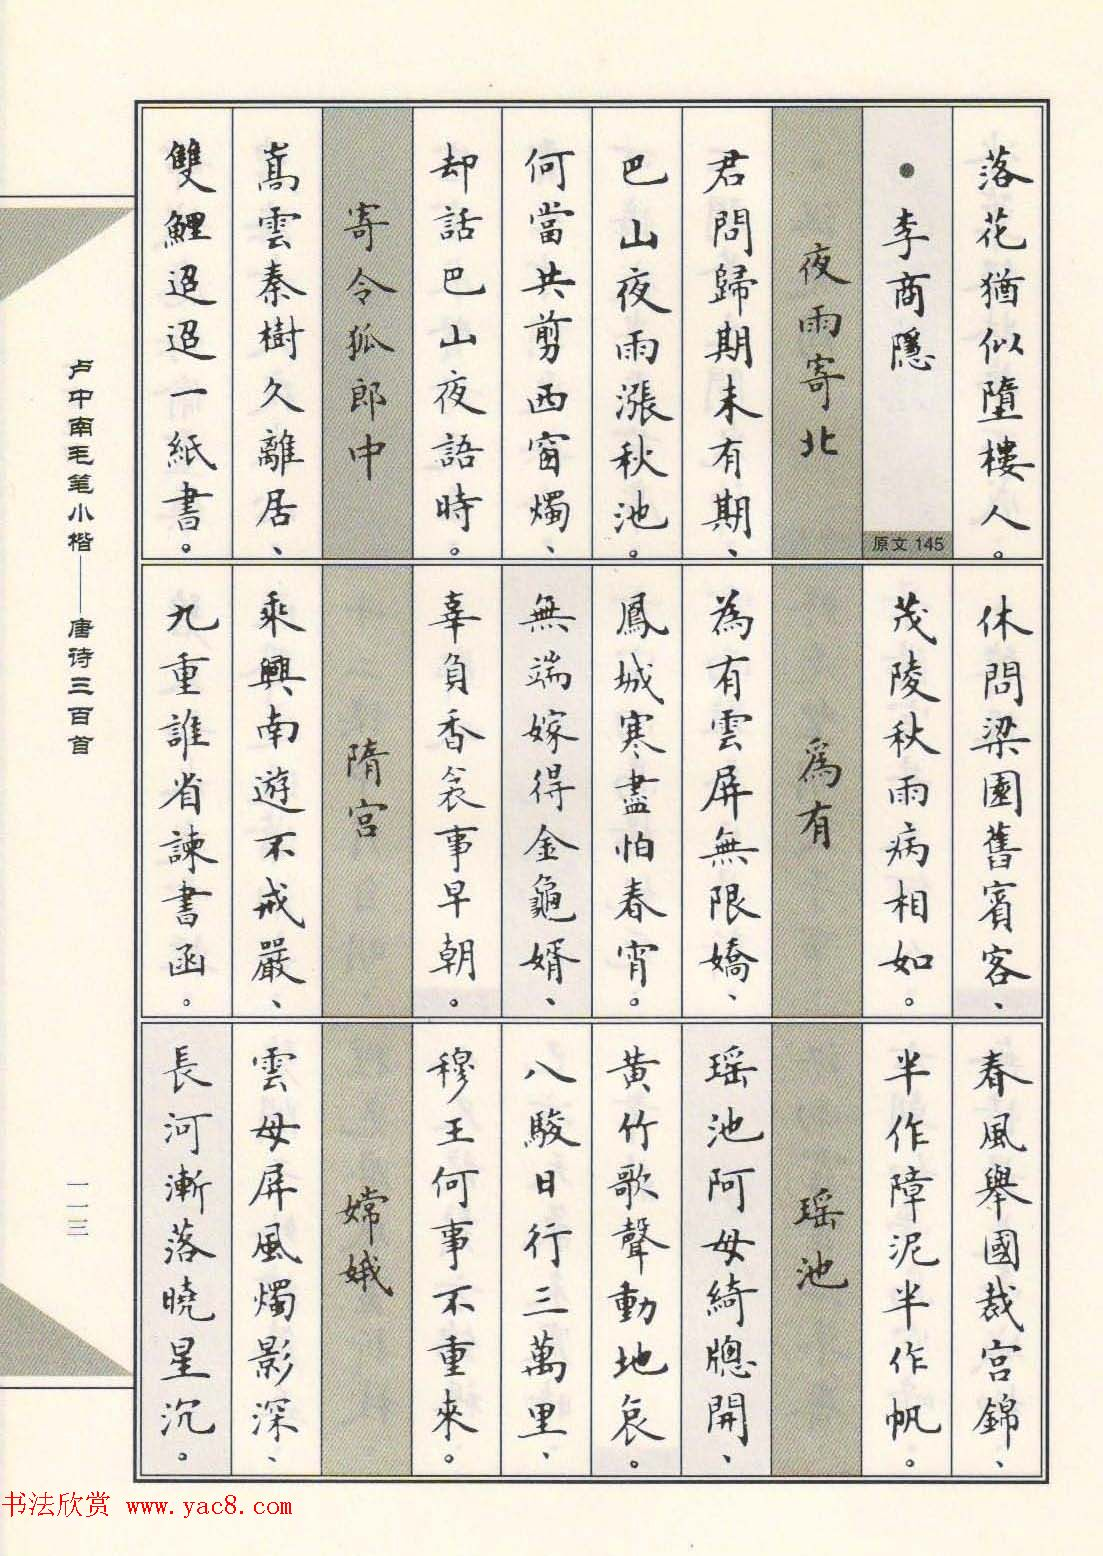 卢中南毛笔小楷字帖欣赏《唐诗三百首》(28)